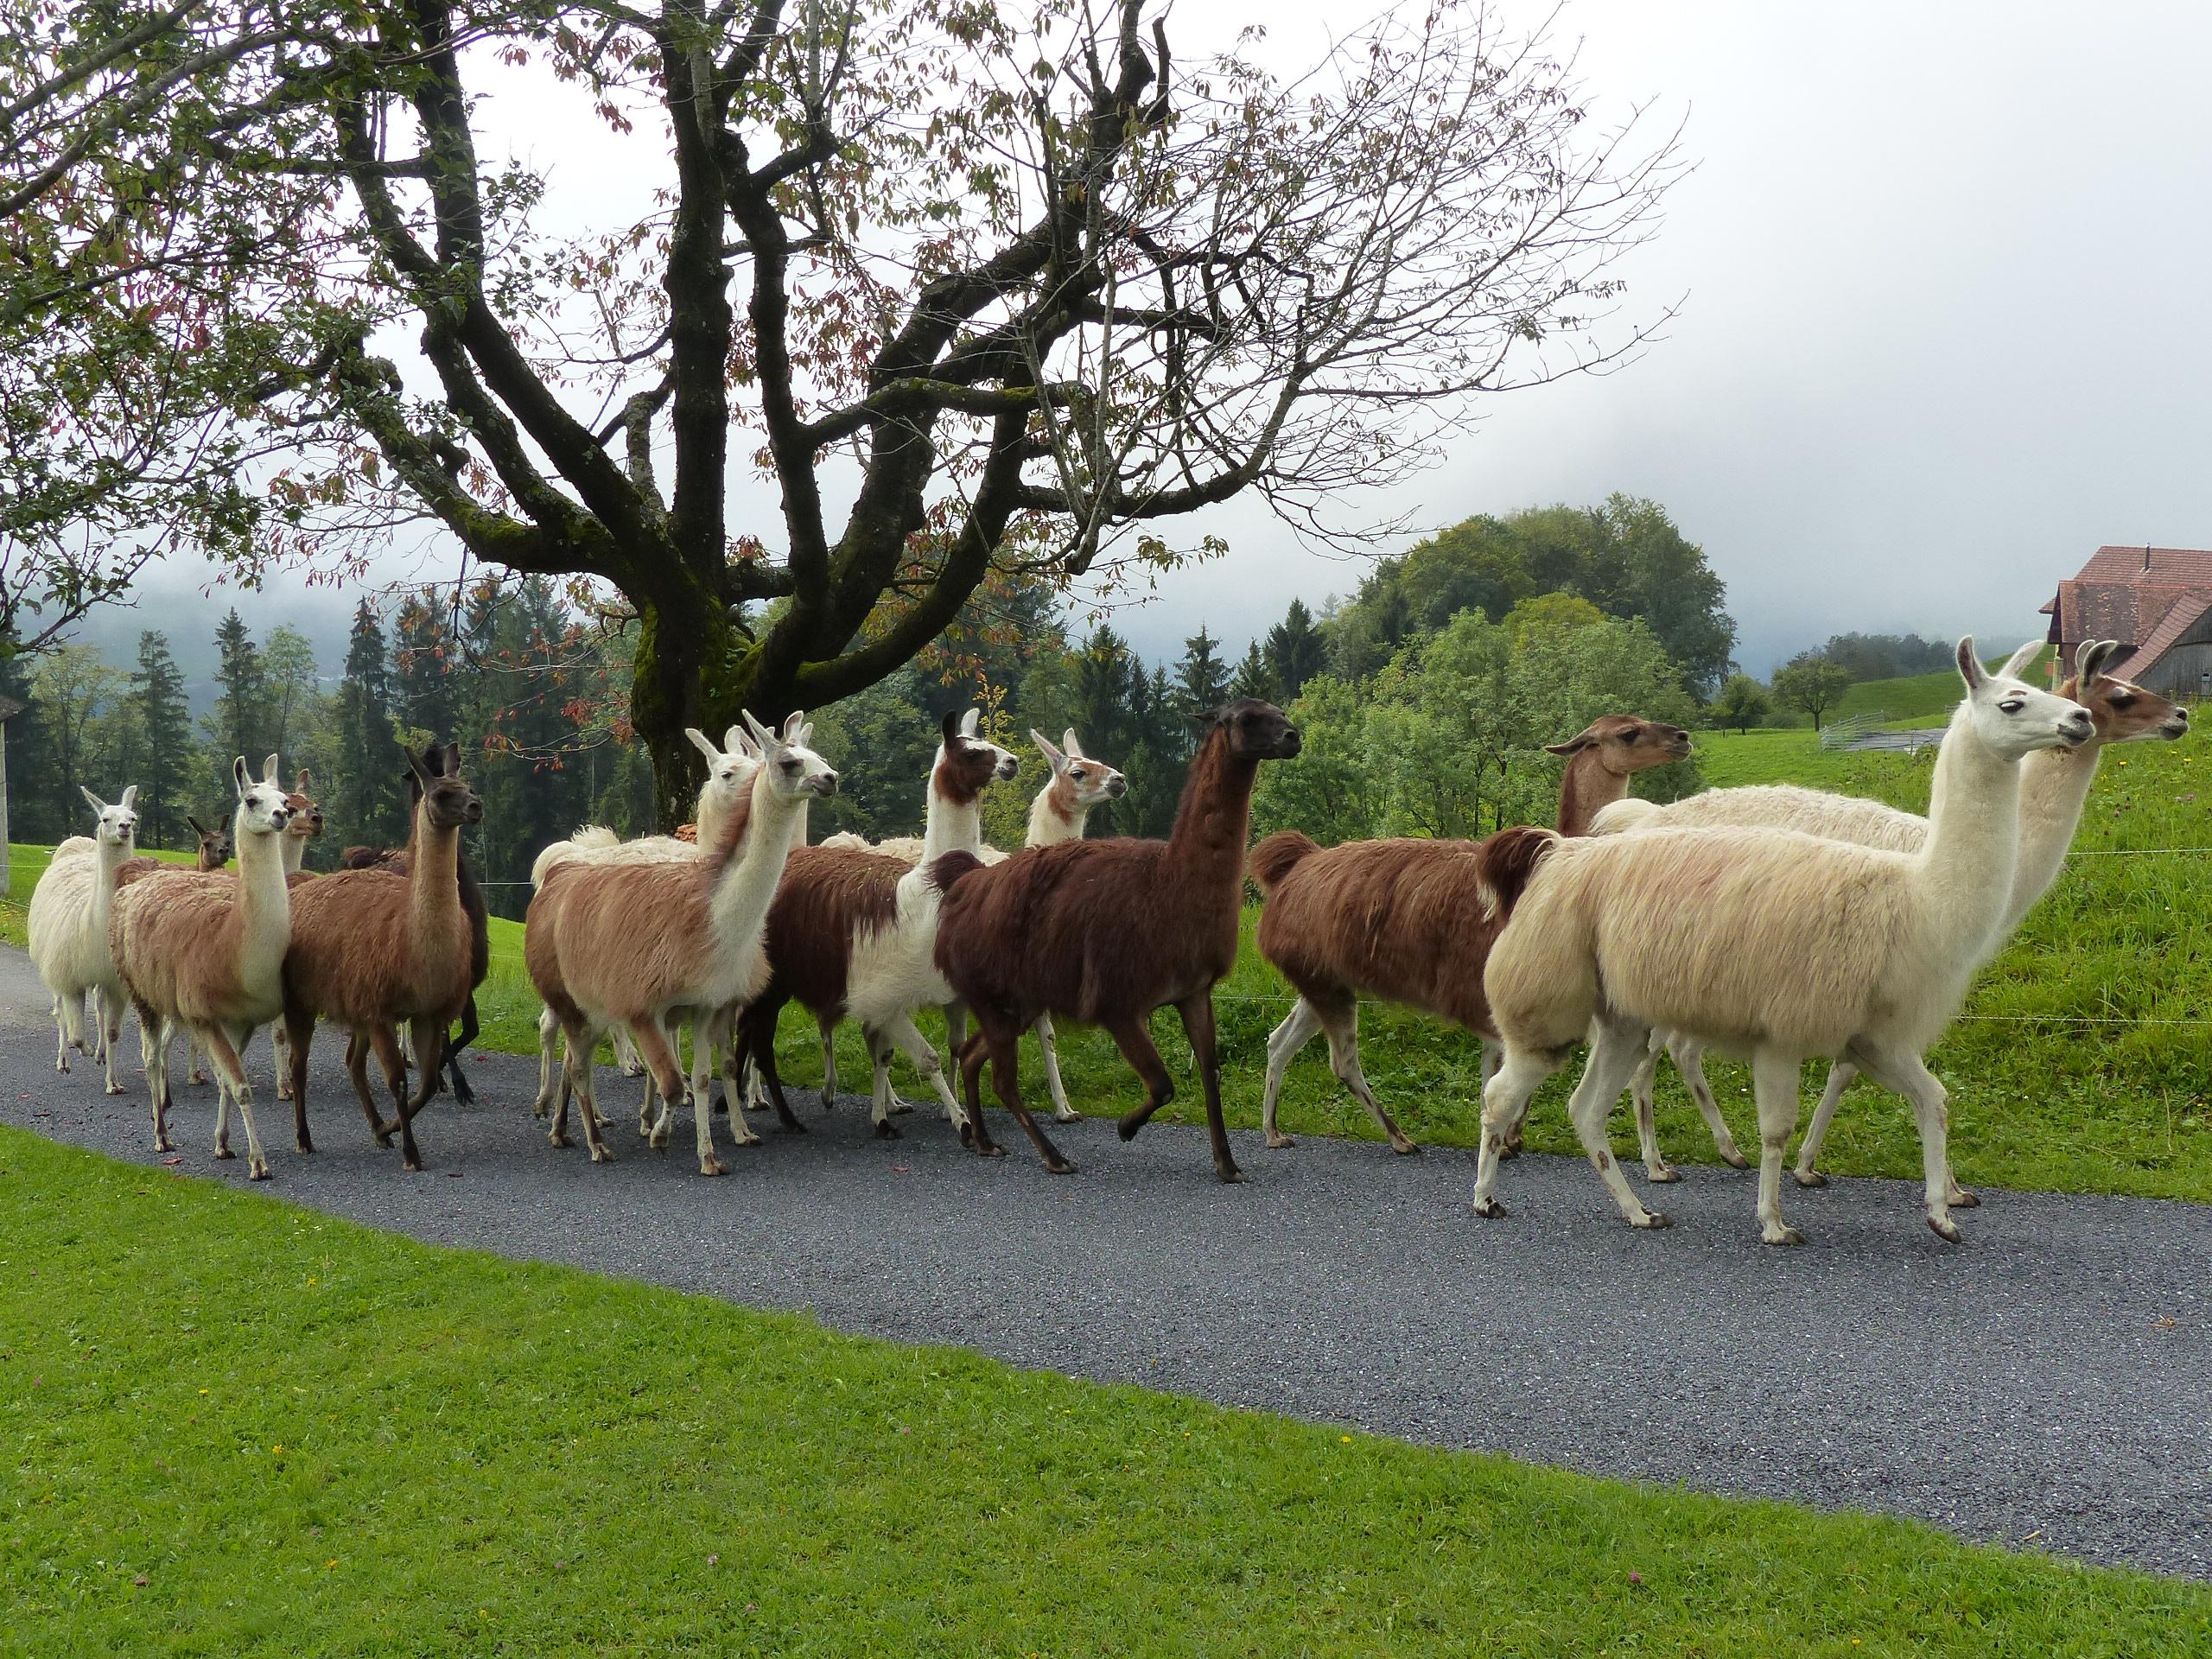 Familie Betschart lebt mit fünfzig Lamas auf ihrem Lamahof in Sattel im Kanton Schwyz. Hier sind sie gerade auf dem Weg zu ihrer Weide.